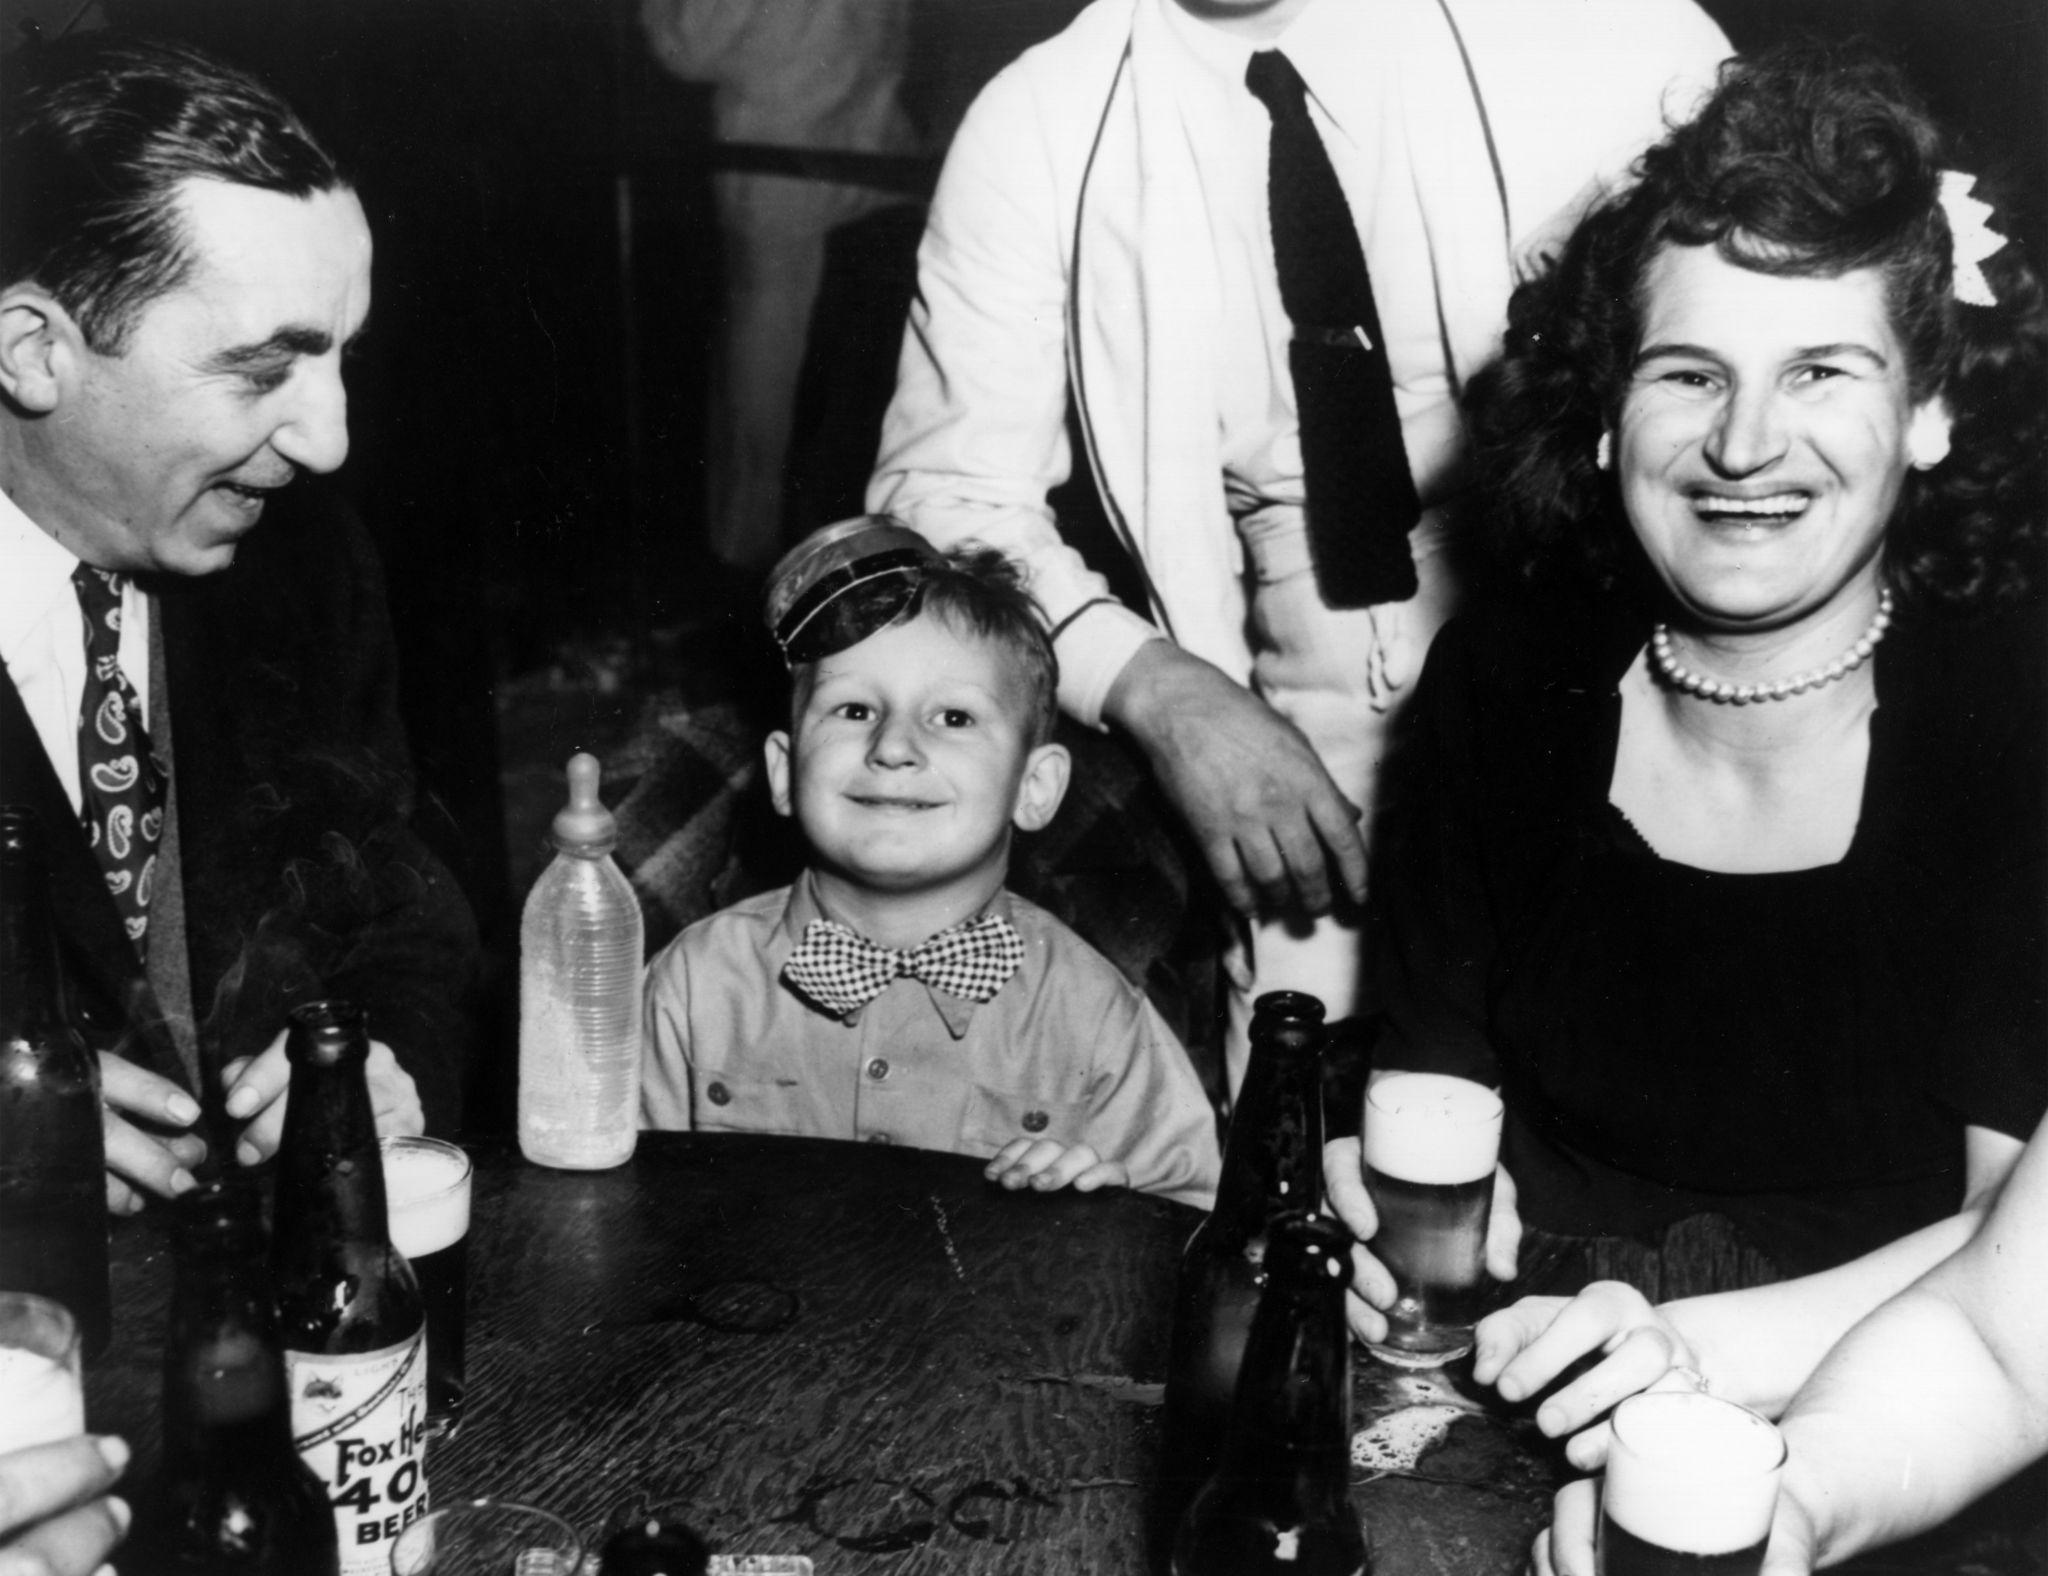 1943. Трехлетний мальчик провожает родителей в ночной клуб в Нью-Йорке на празднование Нового года.jpg